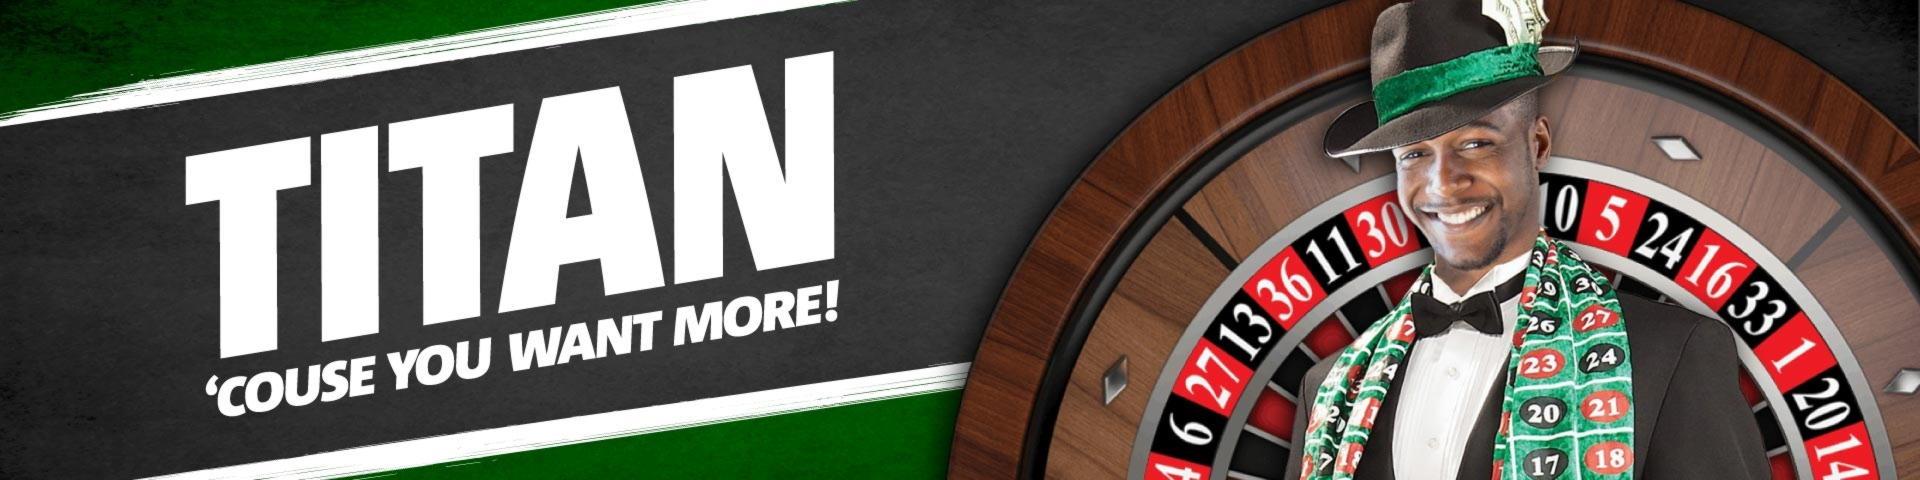 €111 Free Casino Tournament at Wild Blaster